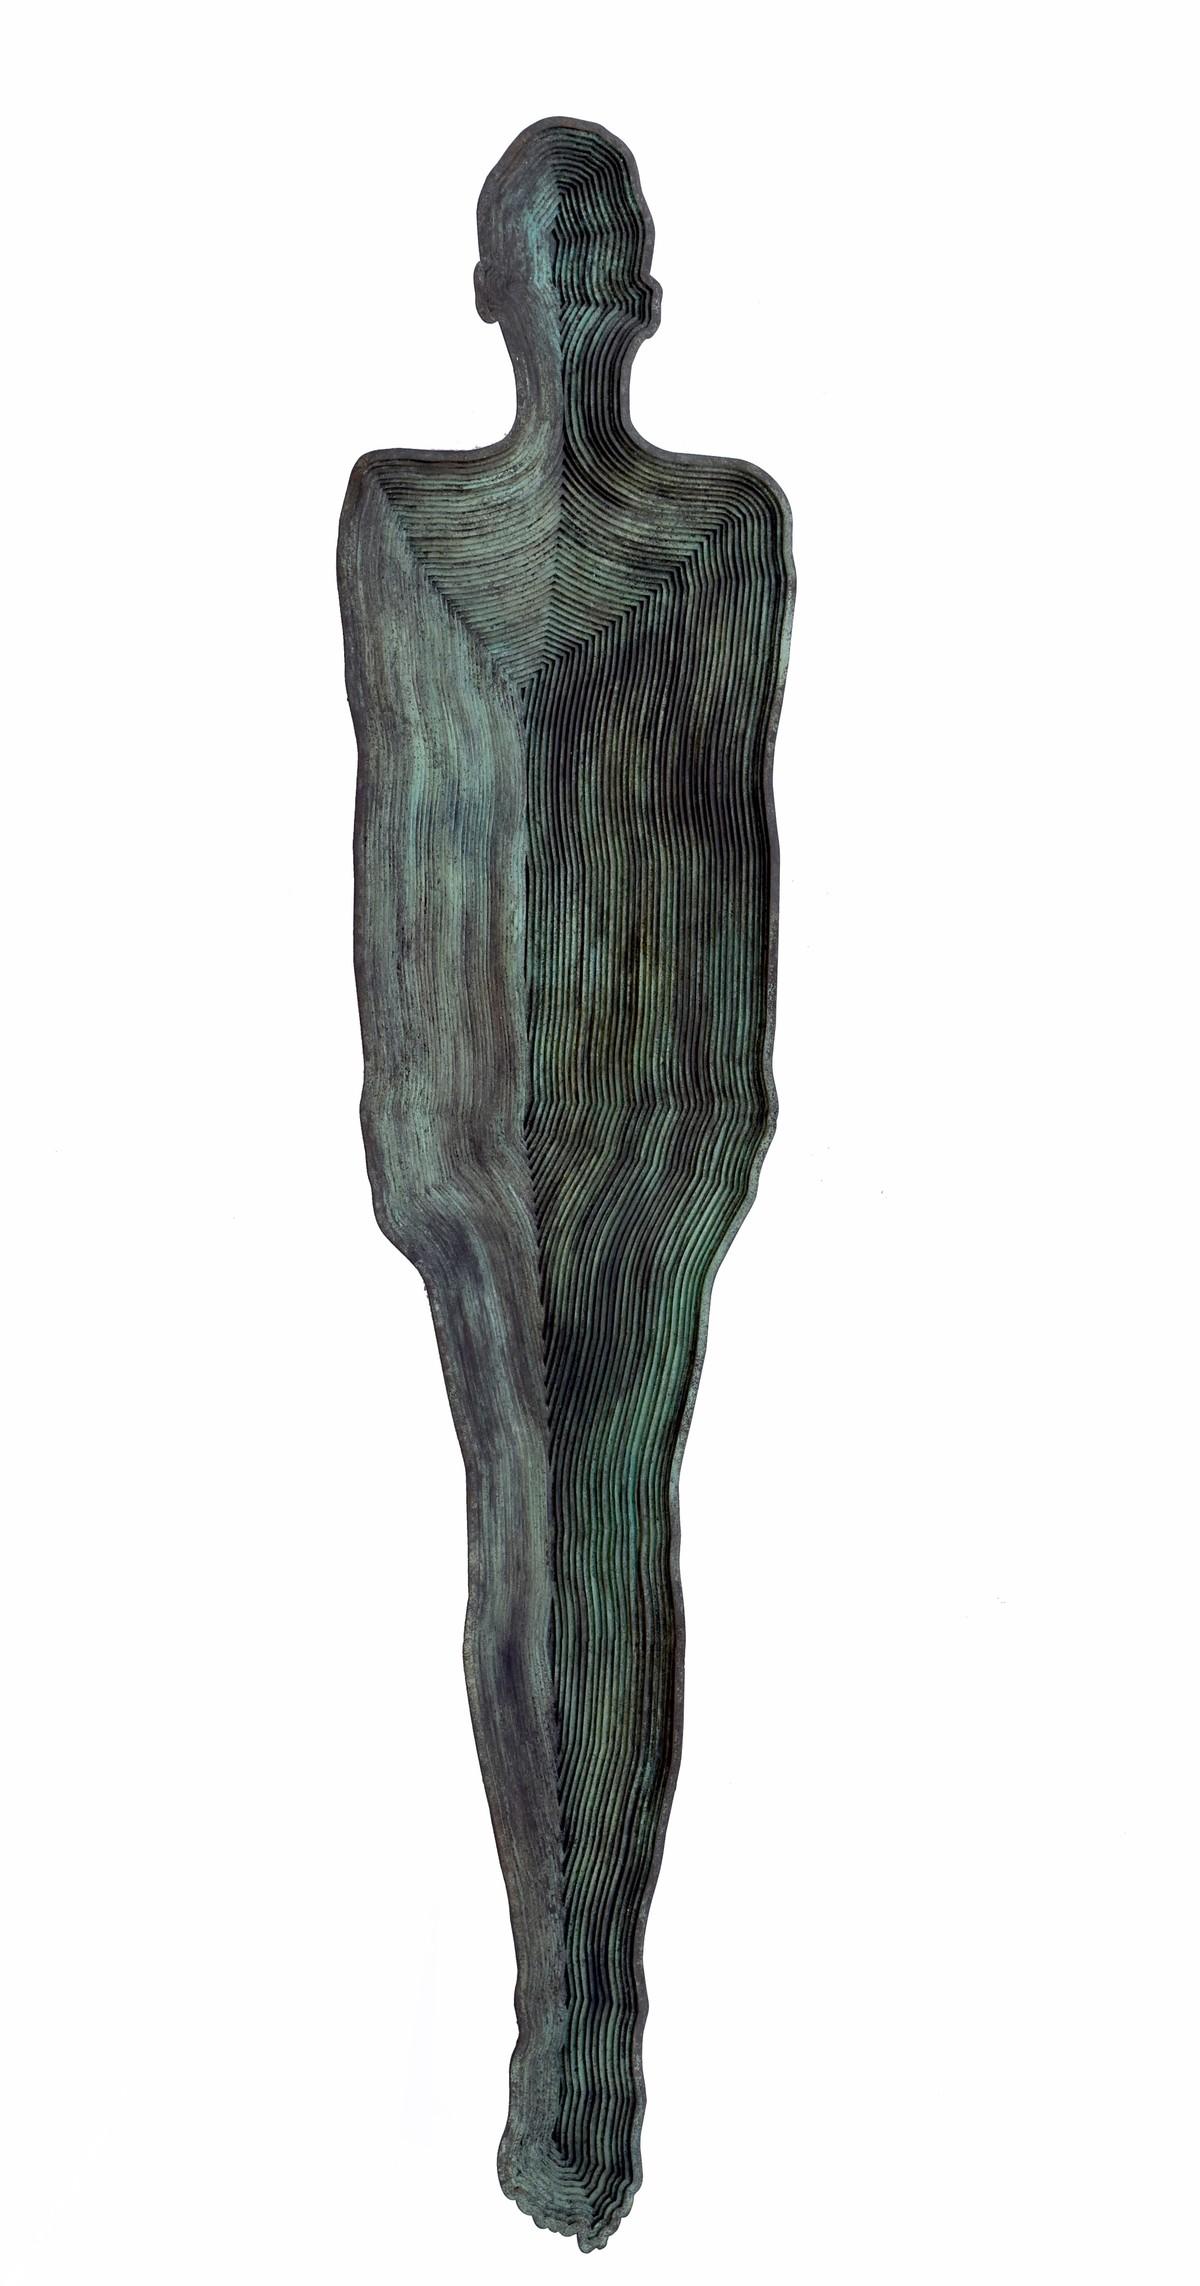 Nest II by Janarthanan R, Art Deco Sculpture | 3D, Iron, White color